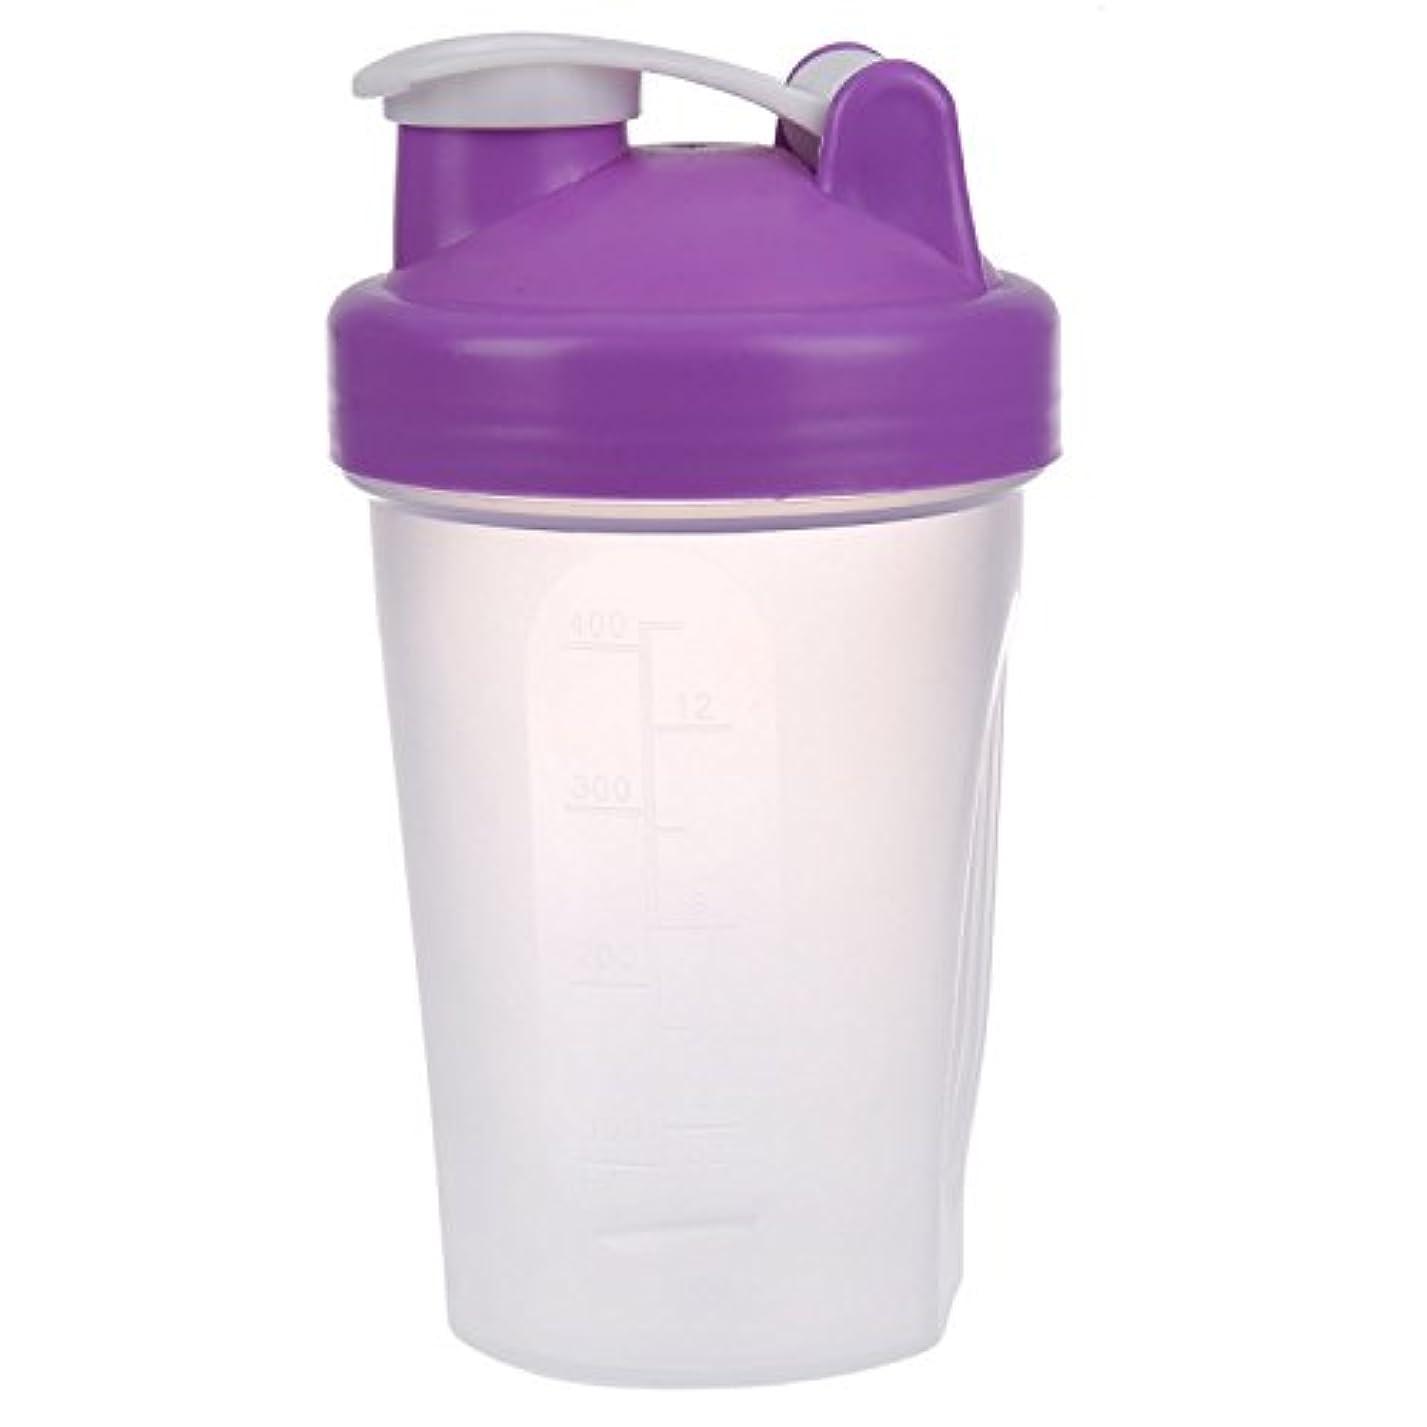 近似女性アラームTOOGOO スマートシェイク ジムプロテインシェーカー ミキサーカップミキサーボトル 紫